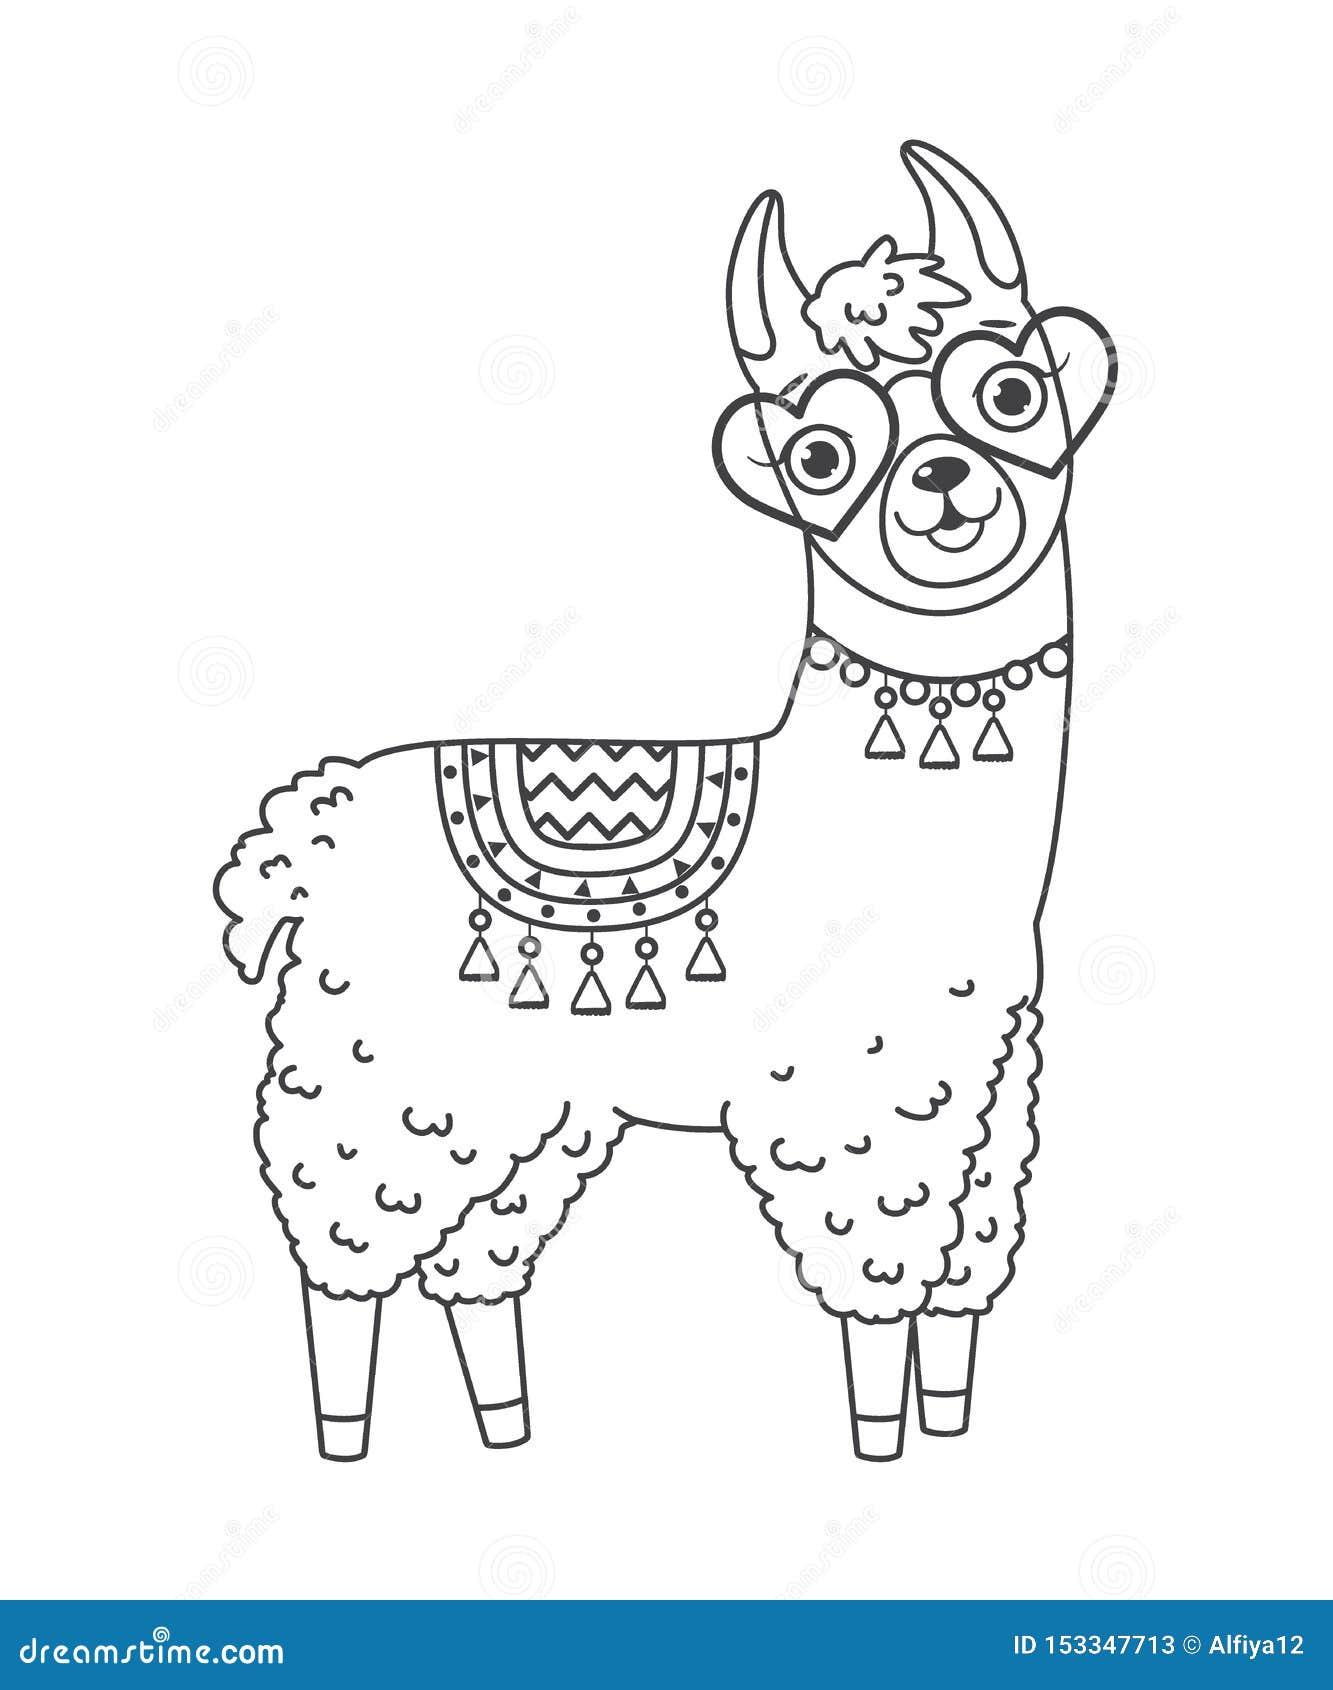 No prob-llama printable/coloring page | Malvorlagen für jungen ... | 1689x1333